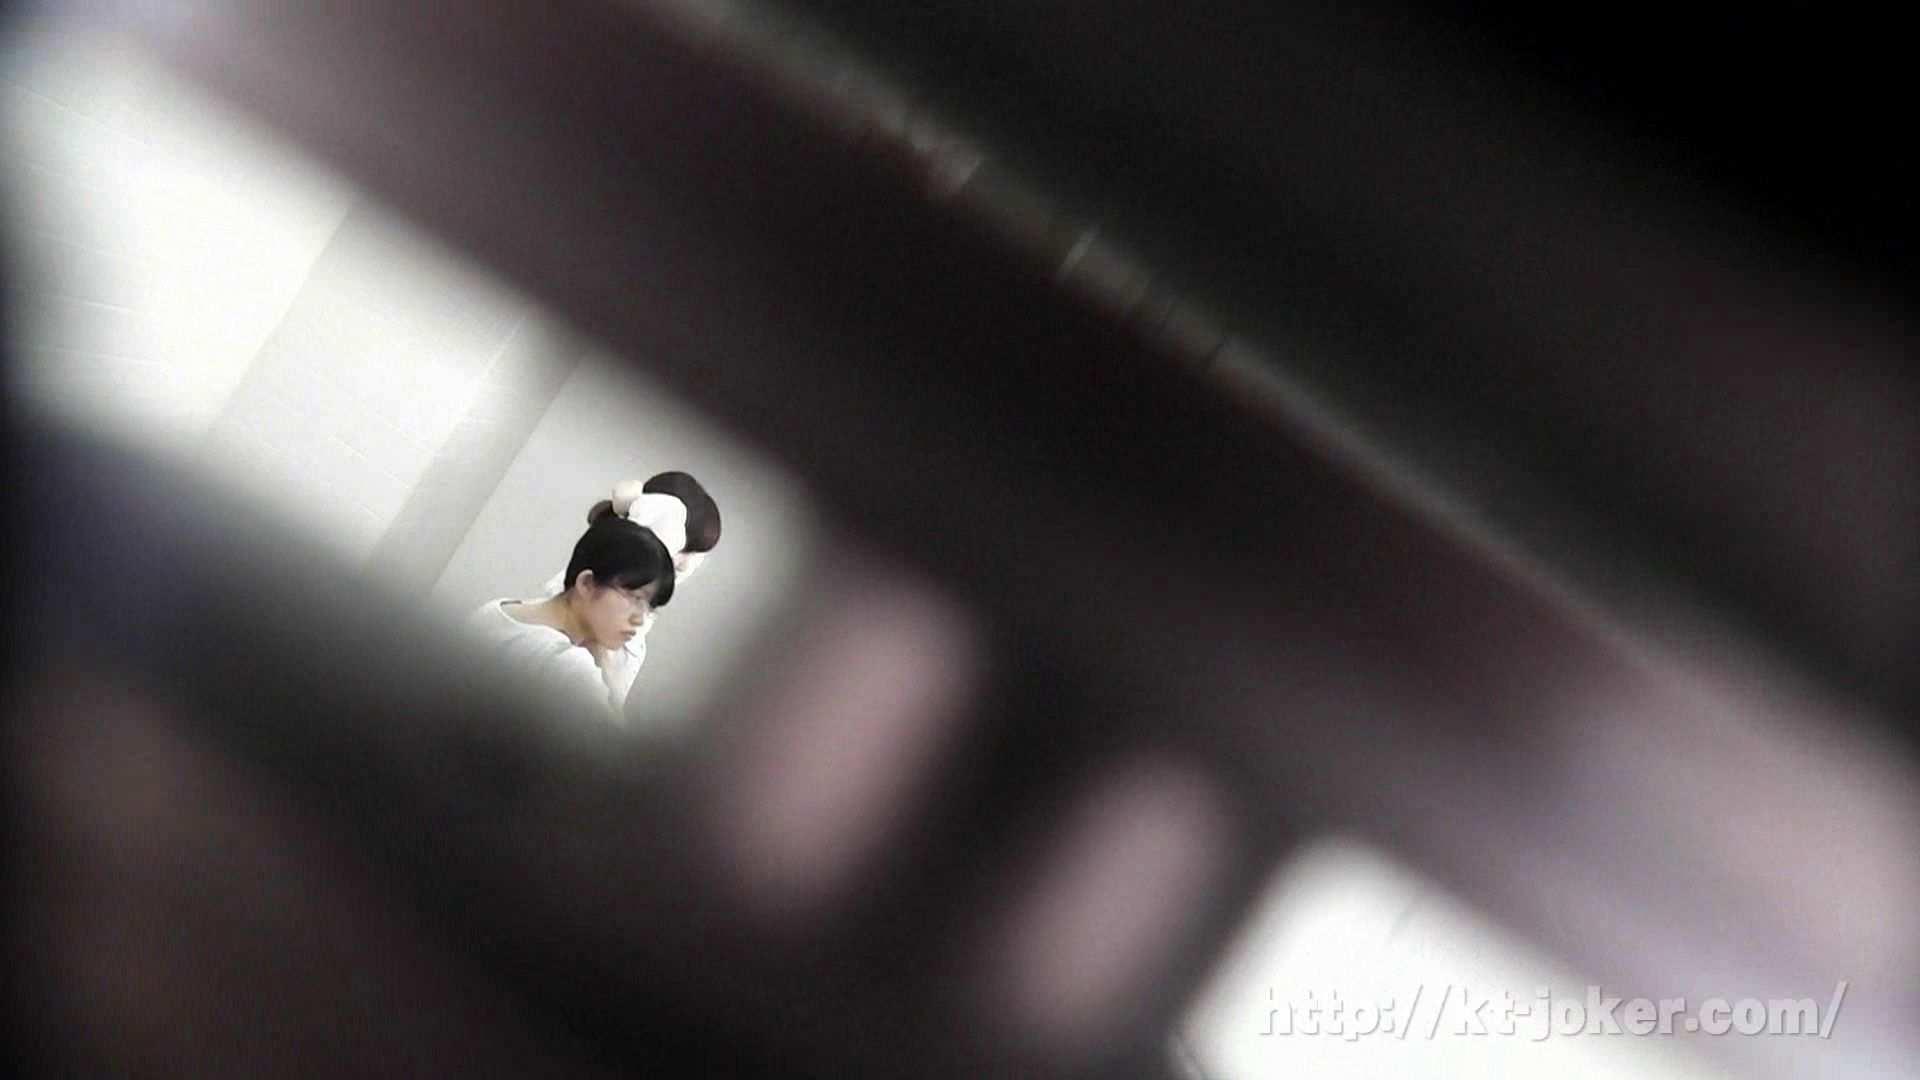 命がけ潜伏洗面所! vol.69 あのかわいい子がついフロント撮り実演 OLの実態 | 洗面所  58pic 4